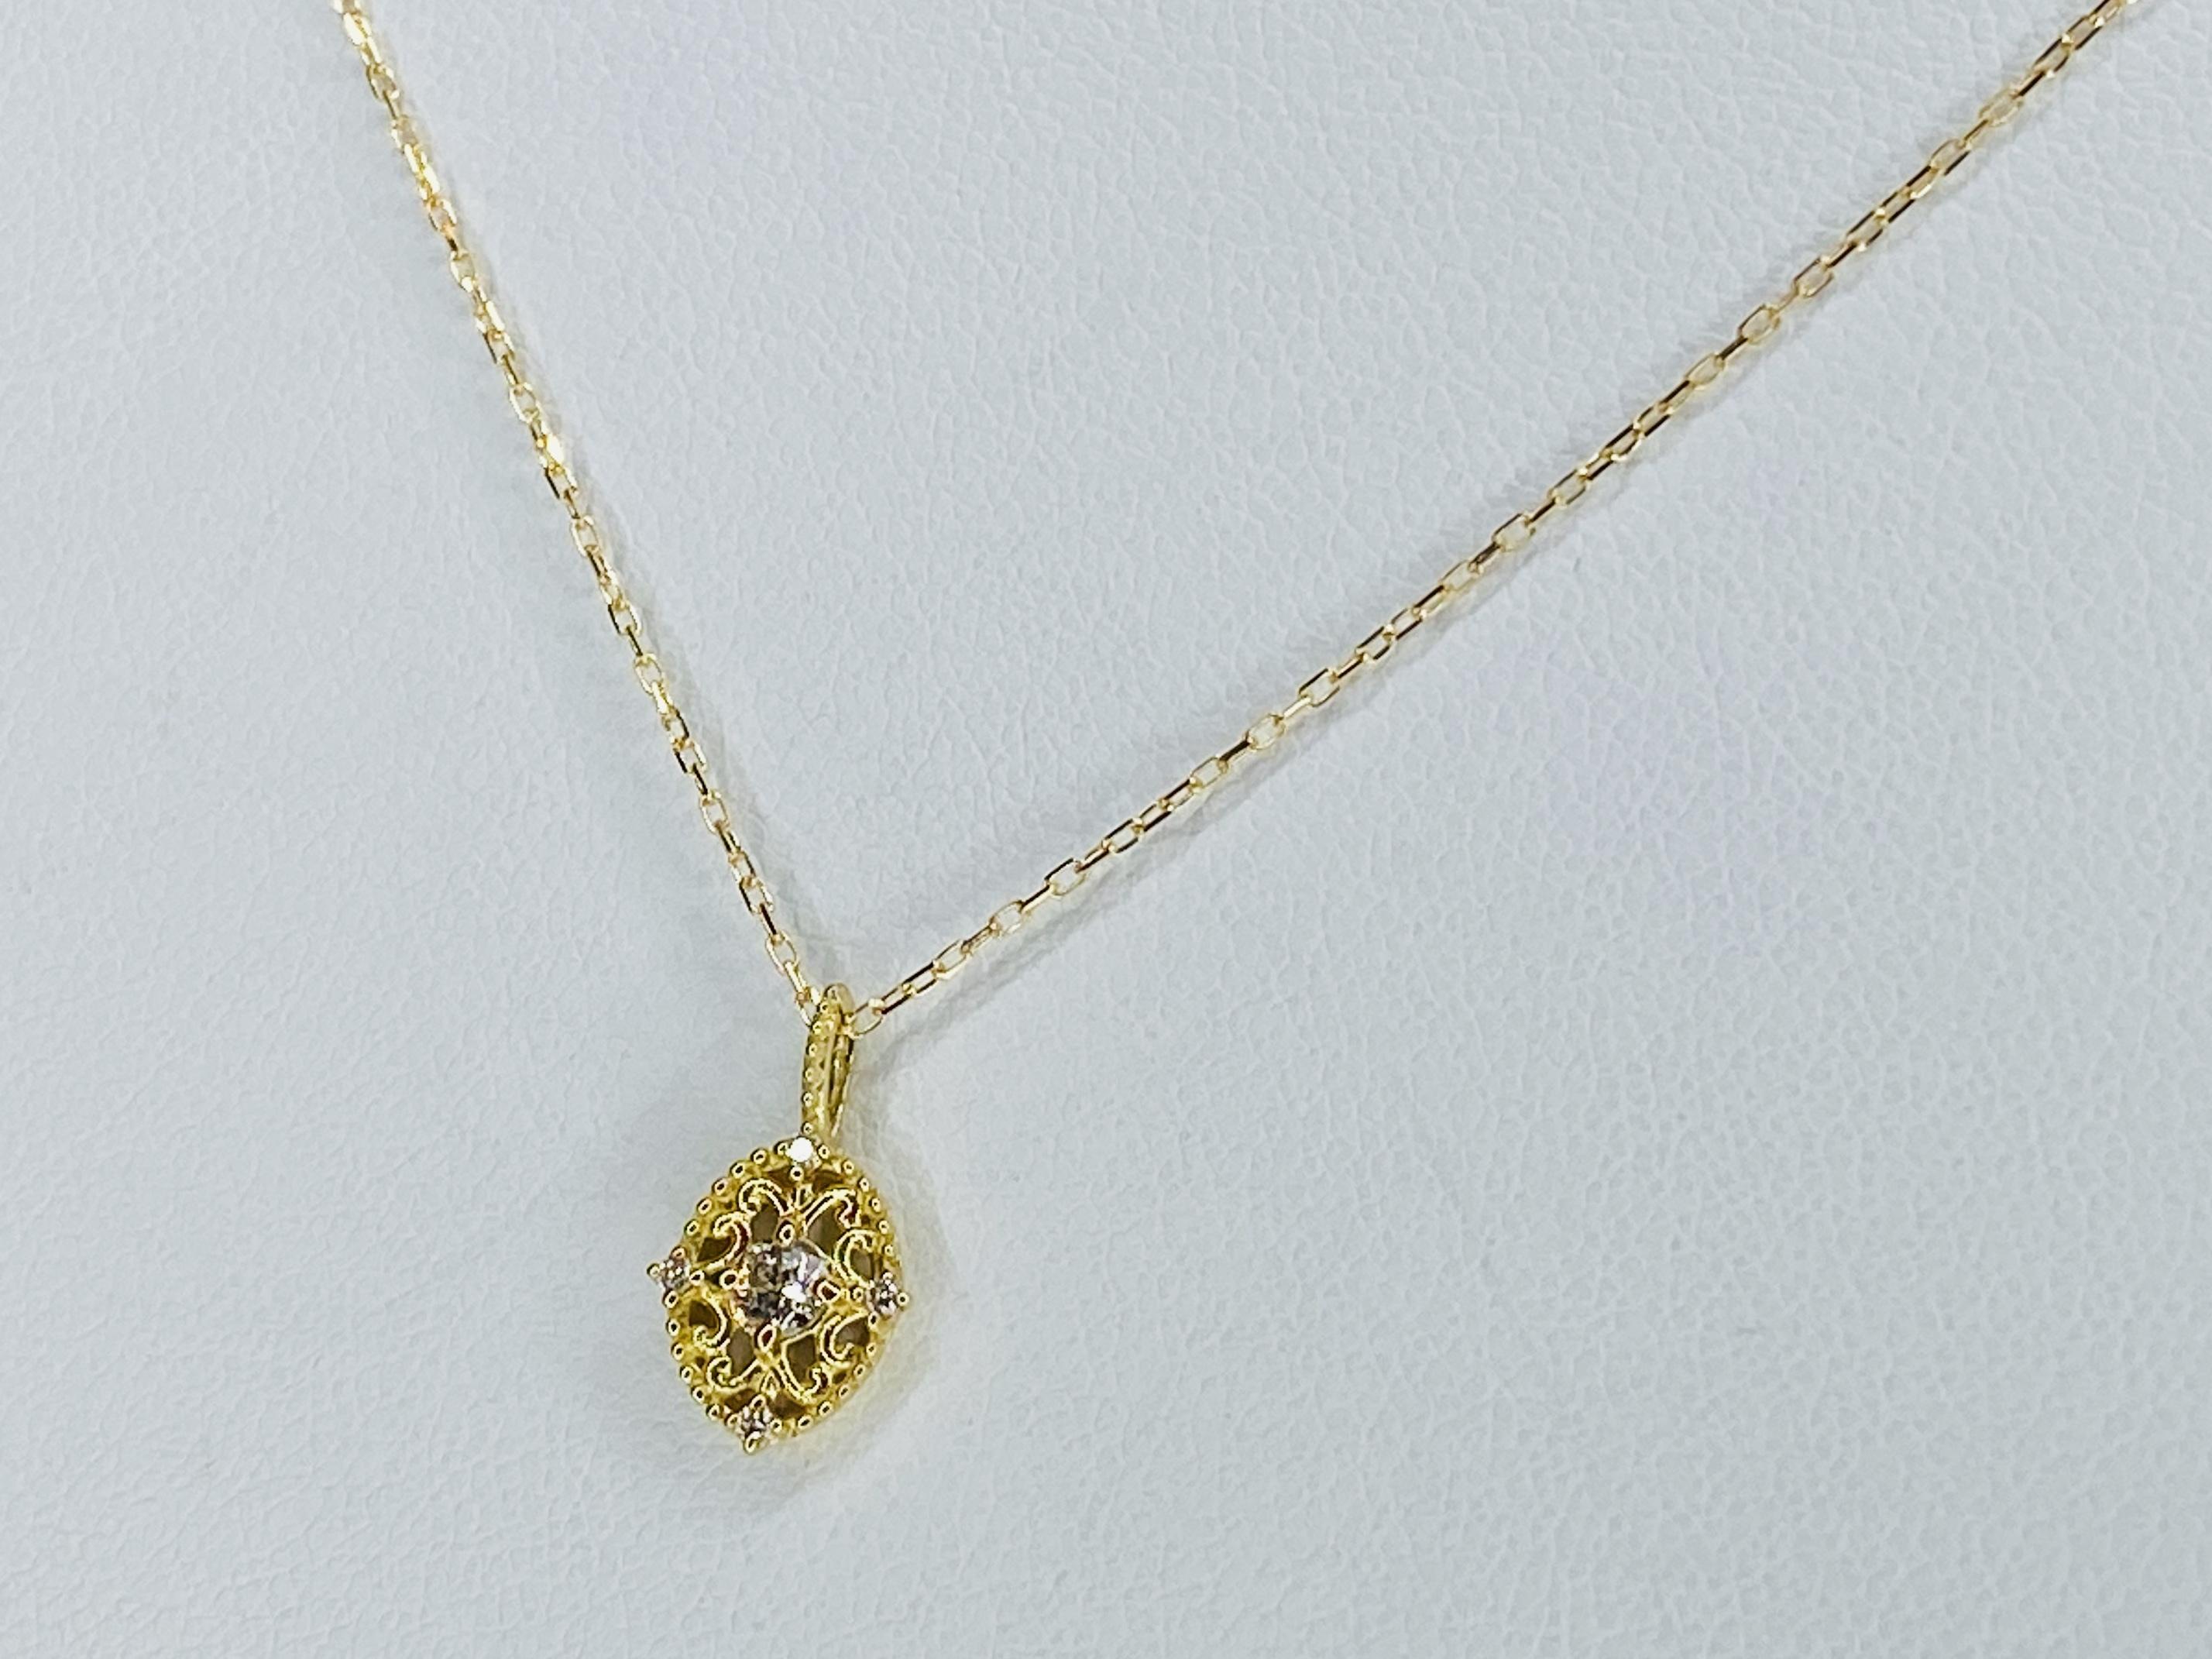 K18 0.12ct ダイヤモンド デザインネックレス ○